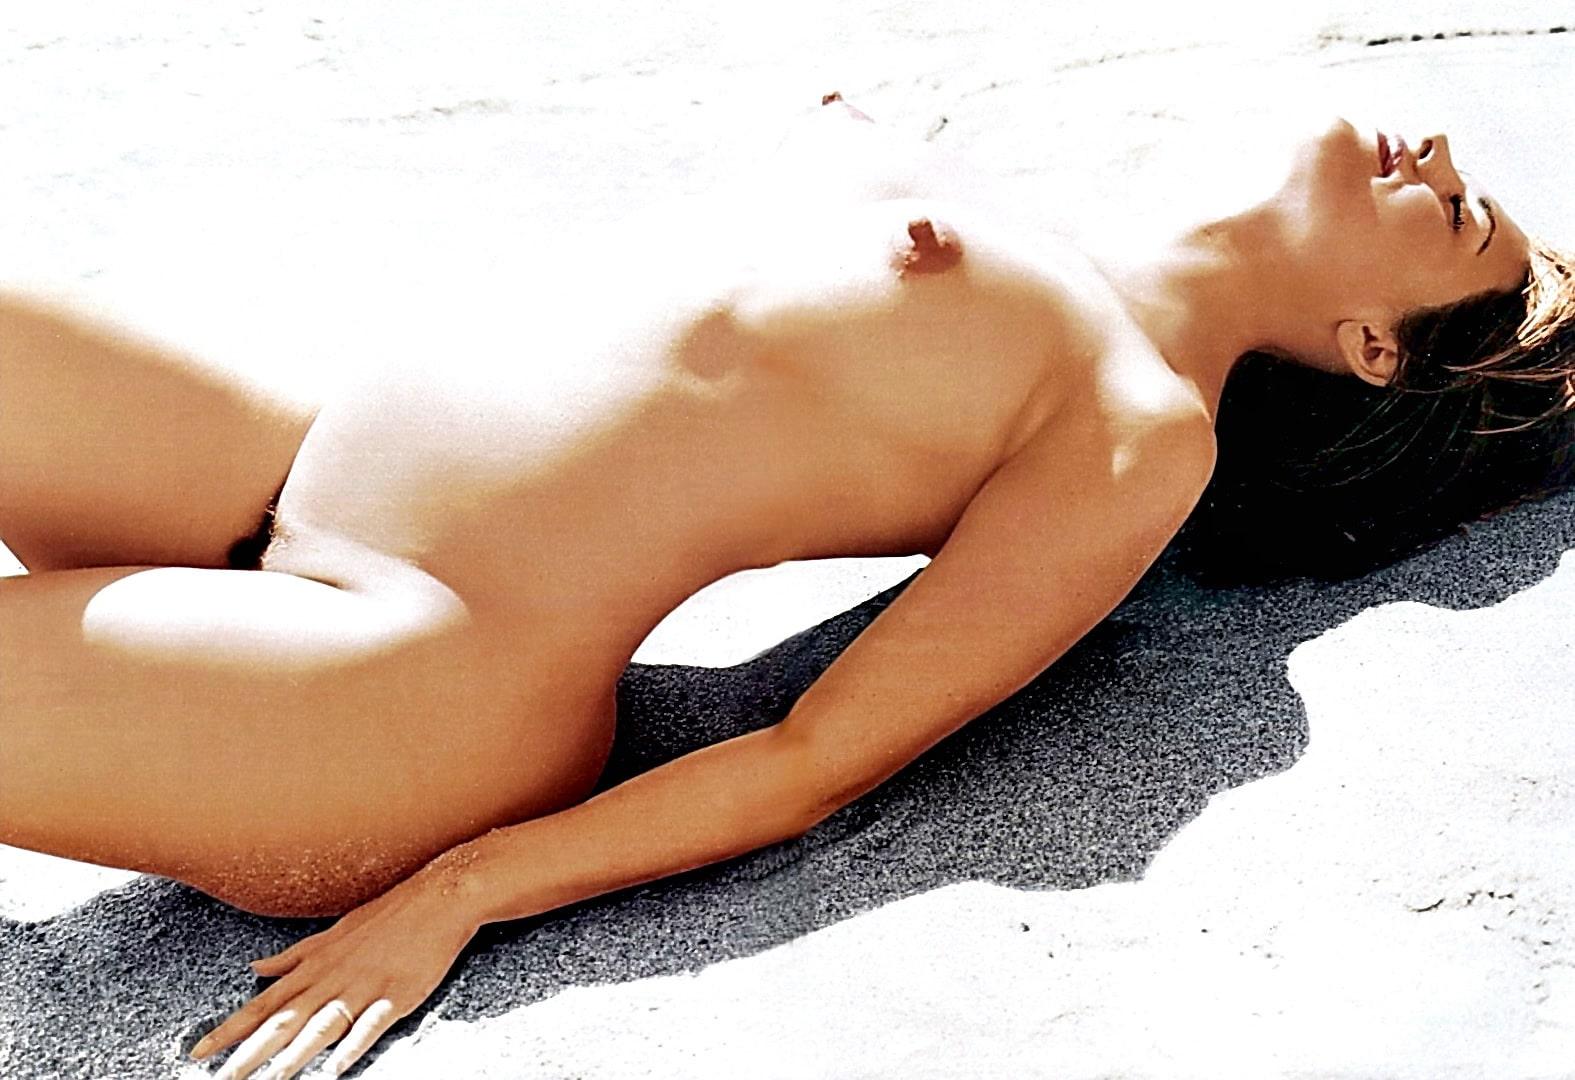 Lisa vandervoort naked